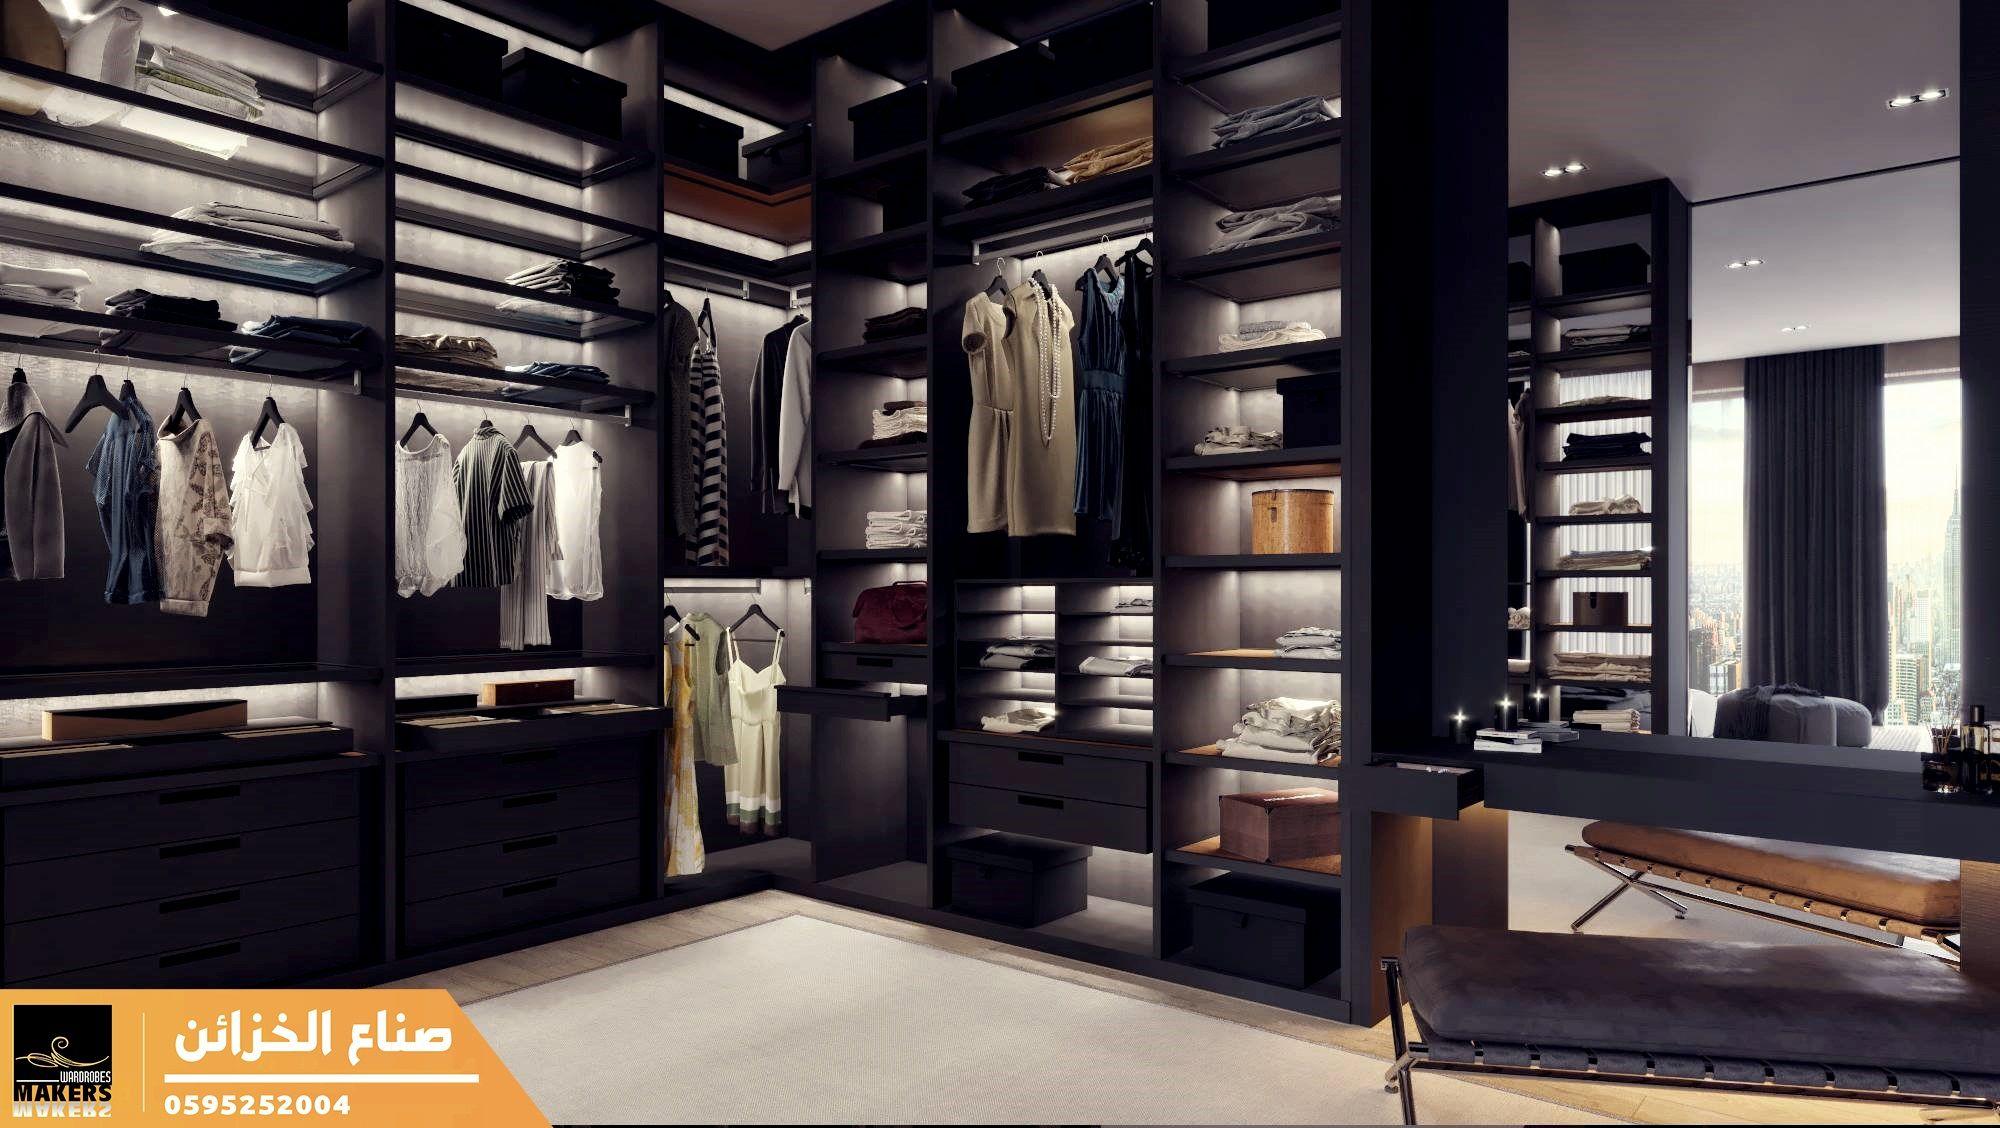 تعتبر غرفة الملابس المكان الذي تجد فيه ذاتك في الاختيار لذا يستحسن أن يكون ديكور غرفة الملابس يضم تصاميم جمي Fifty Shades Of Grey Shades Of Grey Fifty Shades